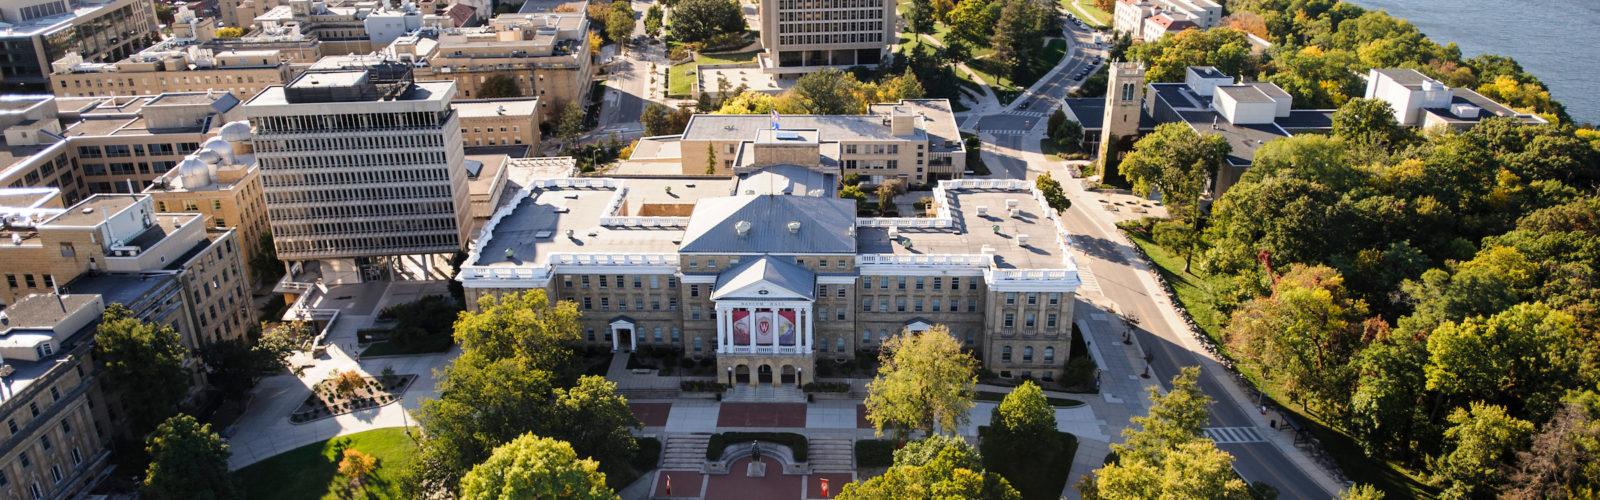 Aerial view of UW-Madison campus